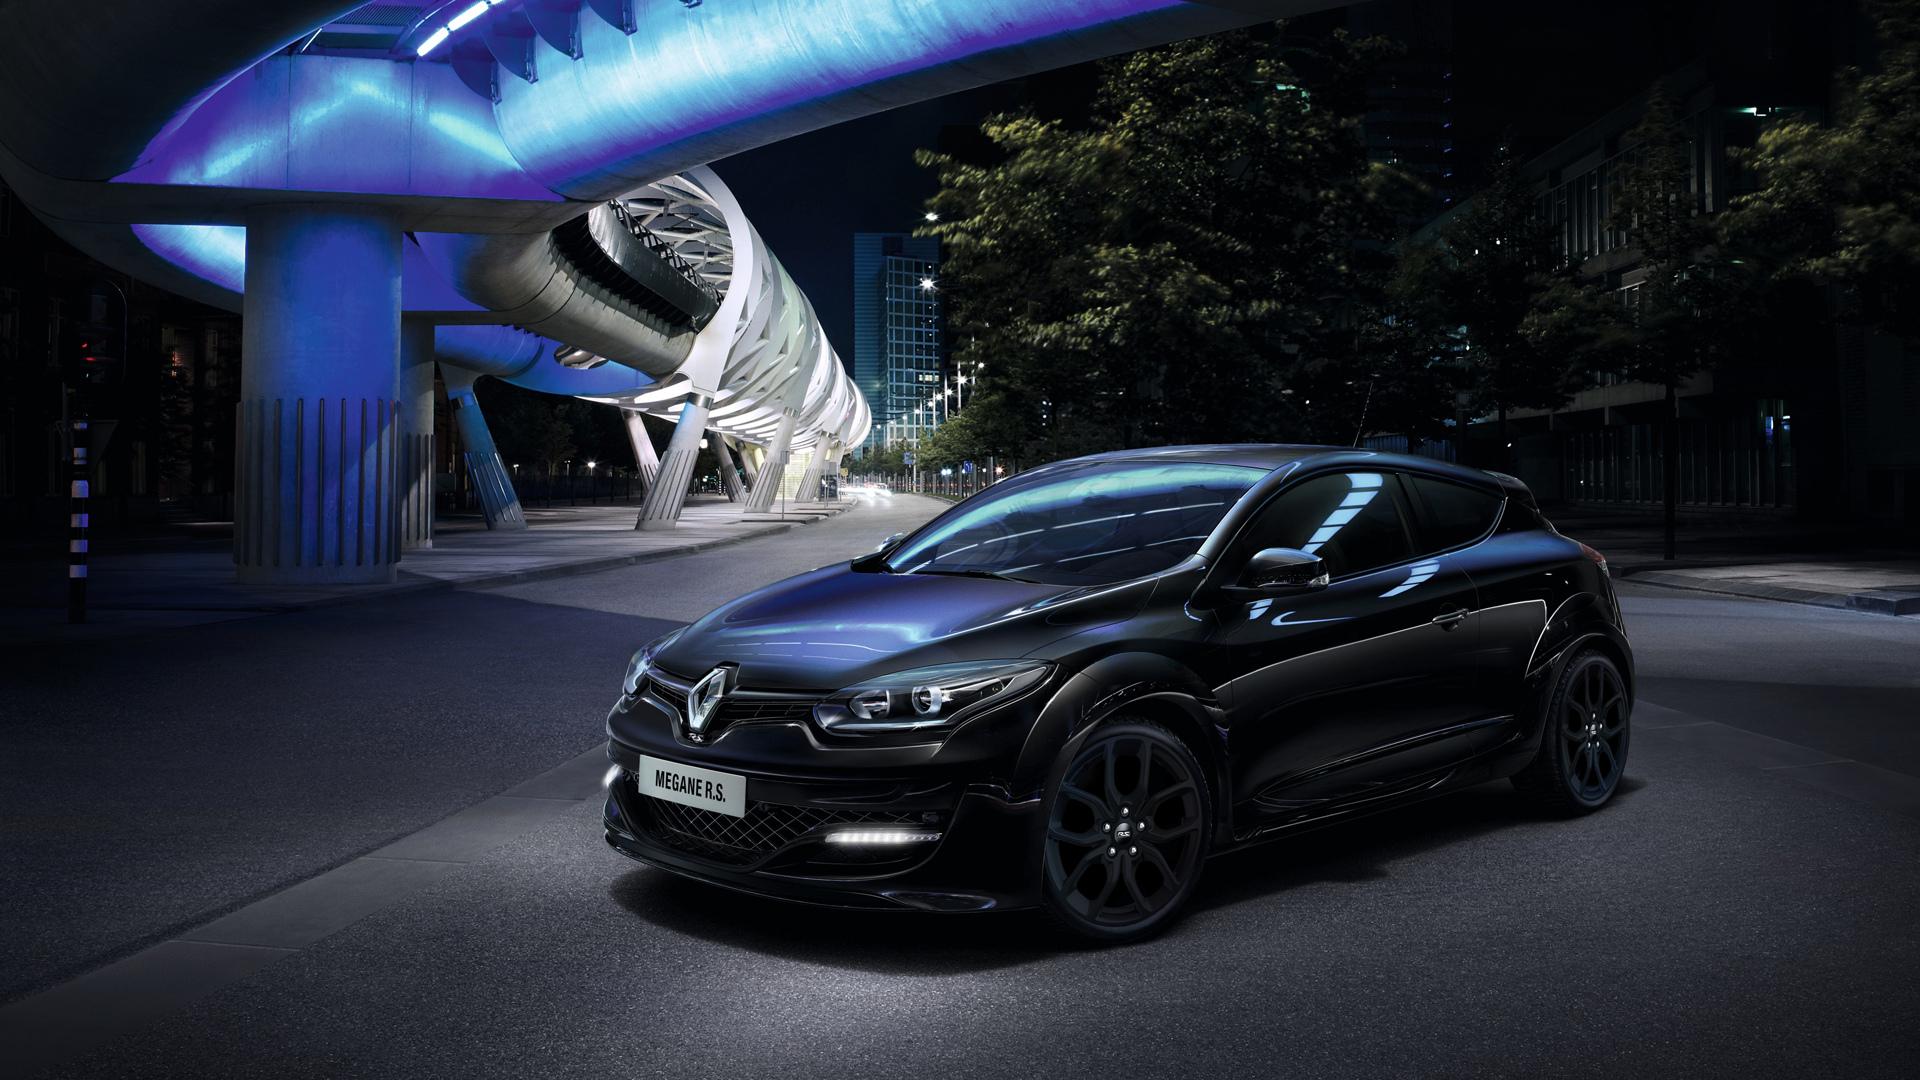 Renault Megane синий дорога без смс